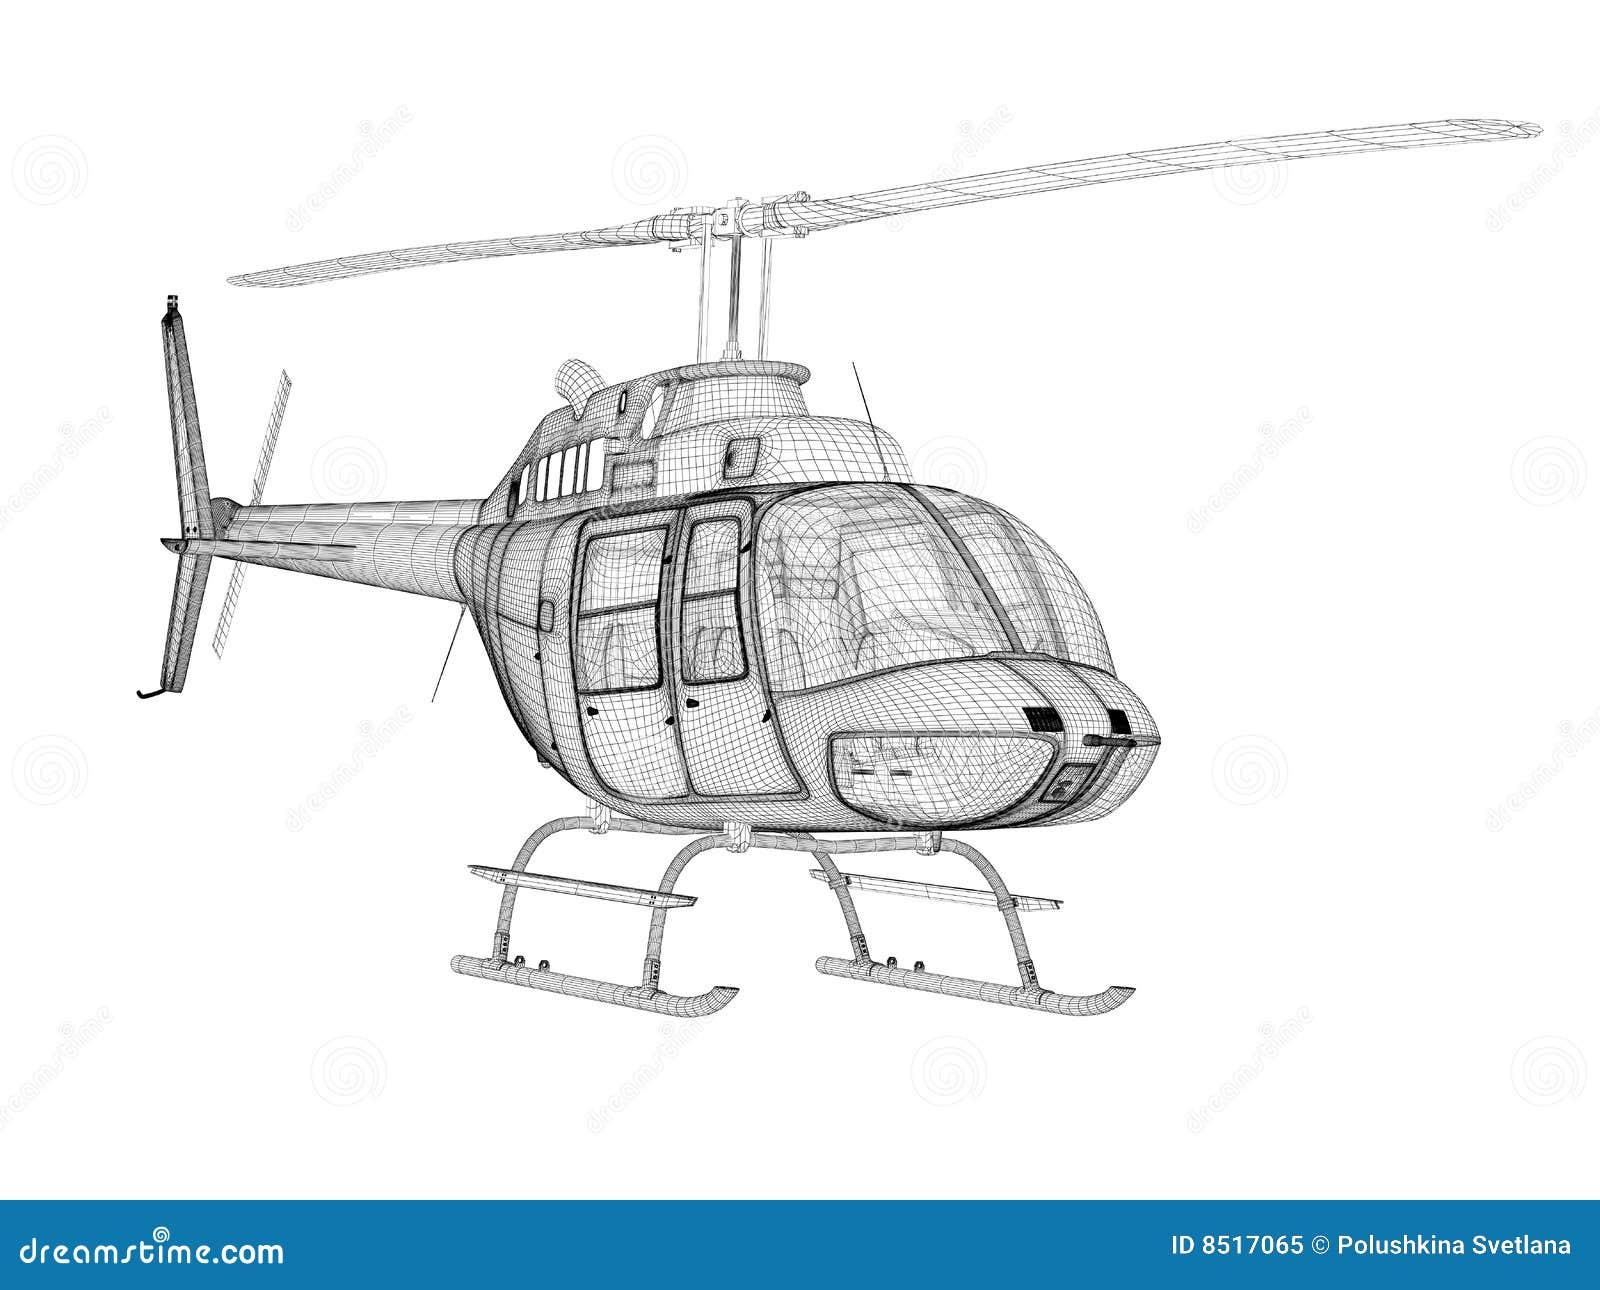 Elicottero 3d Model : Modello dell elicottero d vista frontale illustrazione di stock